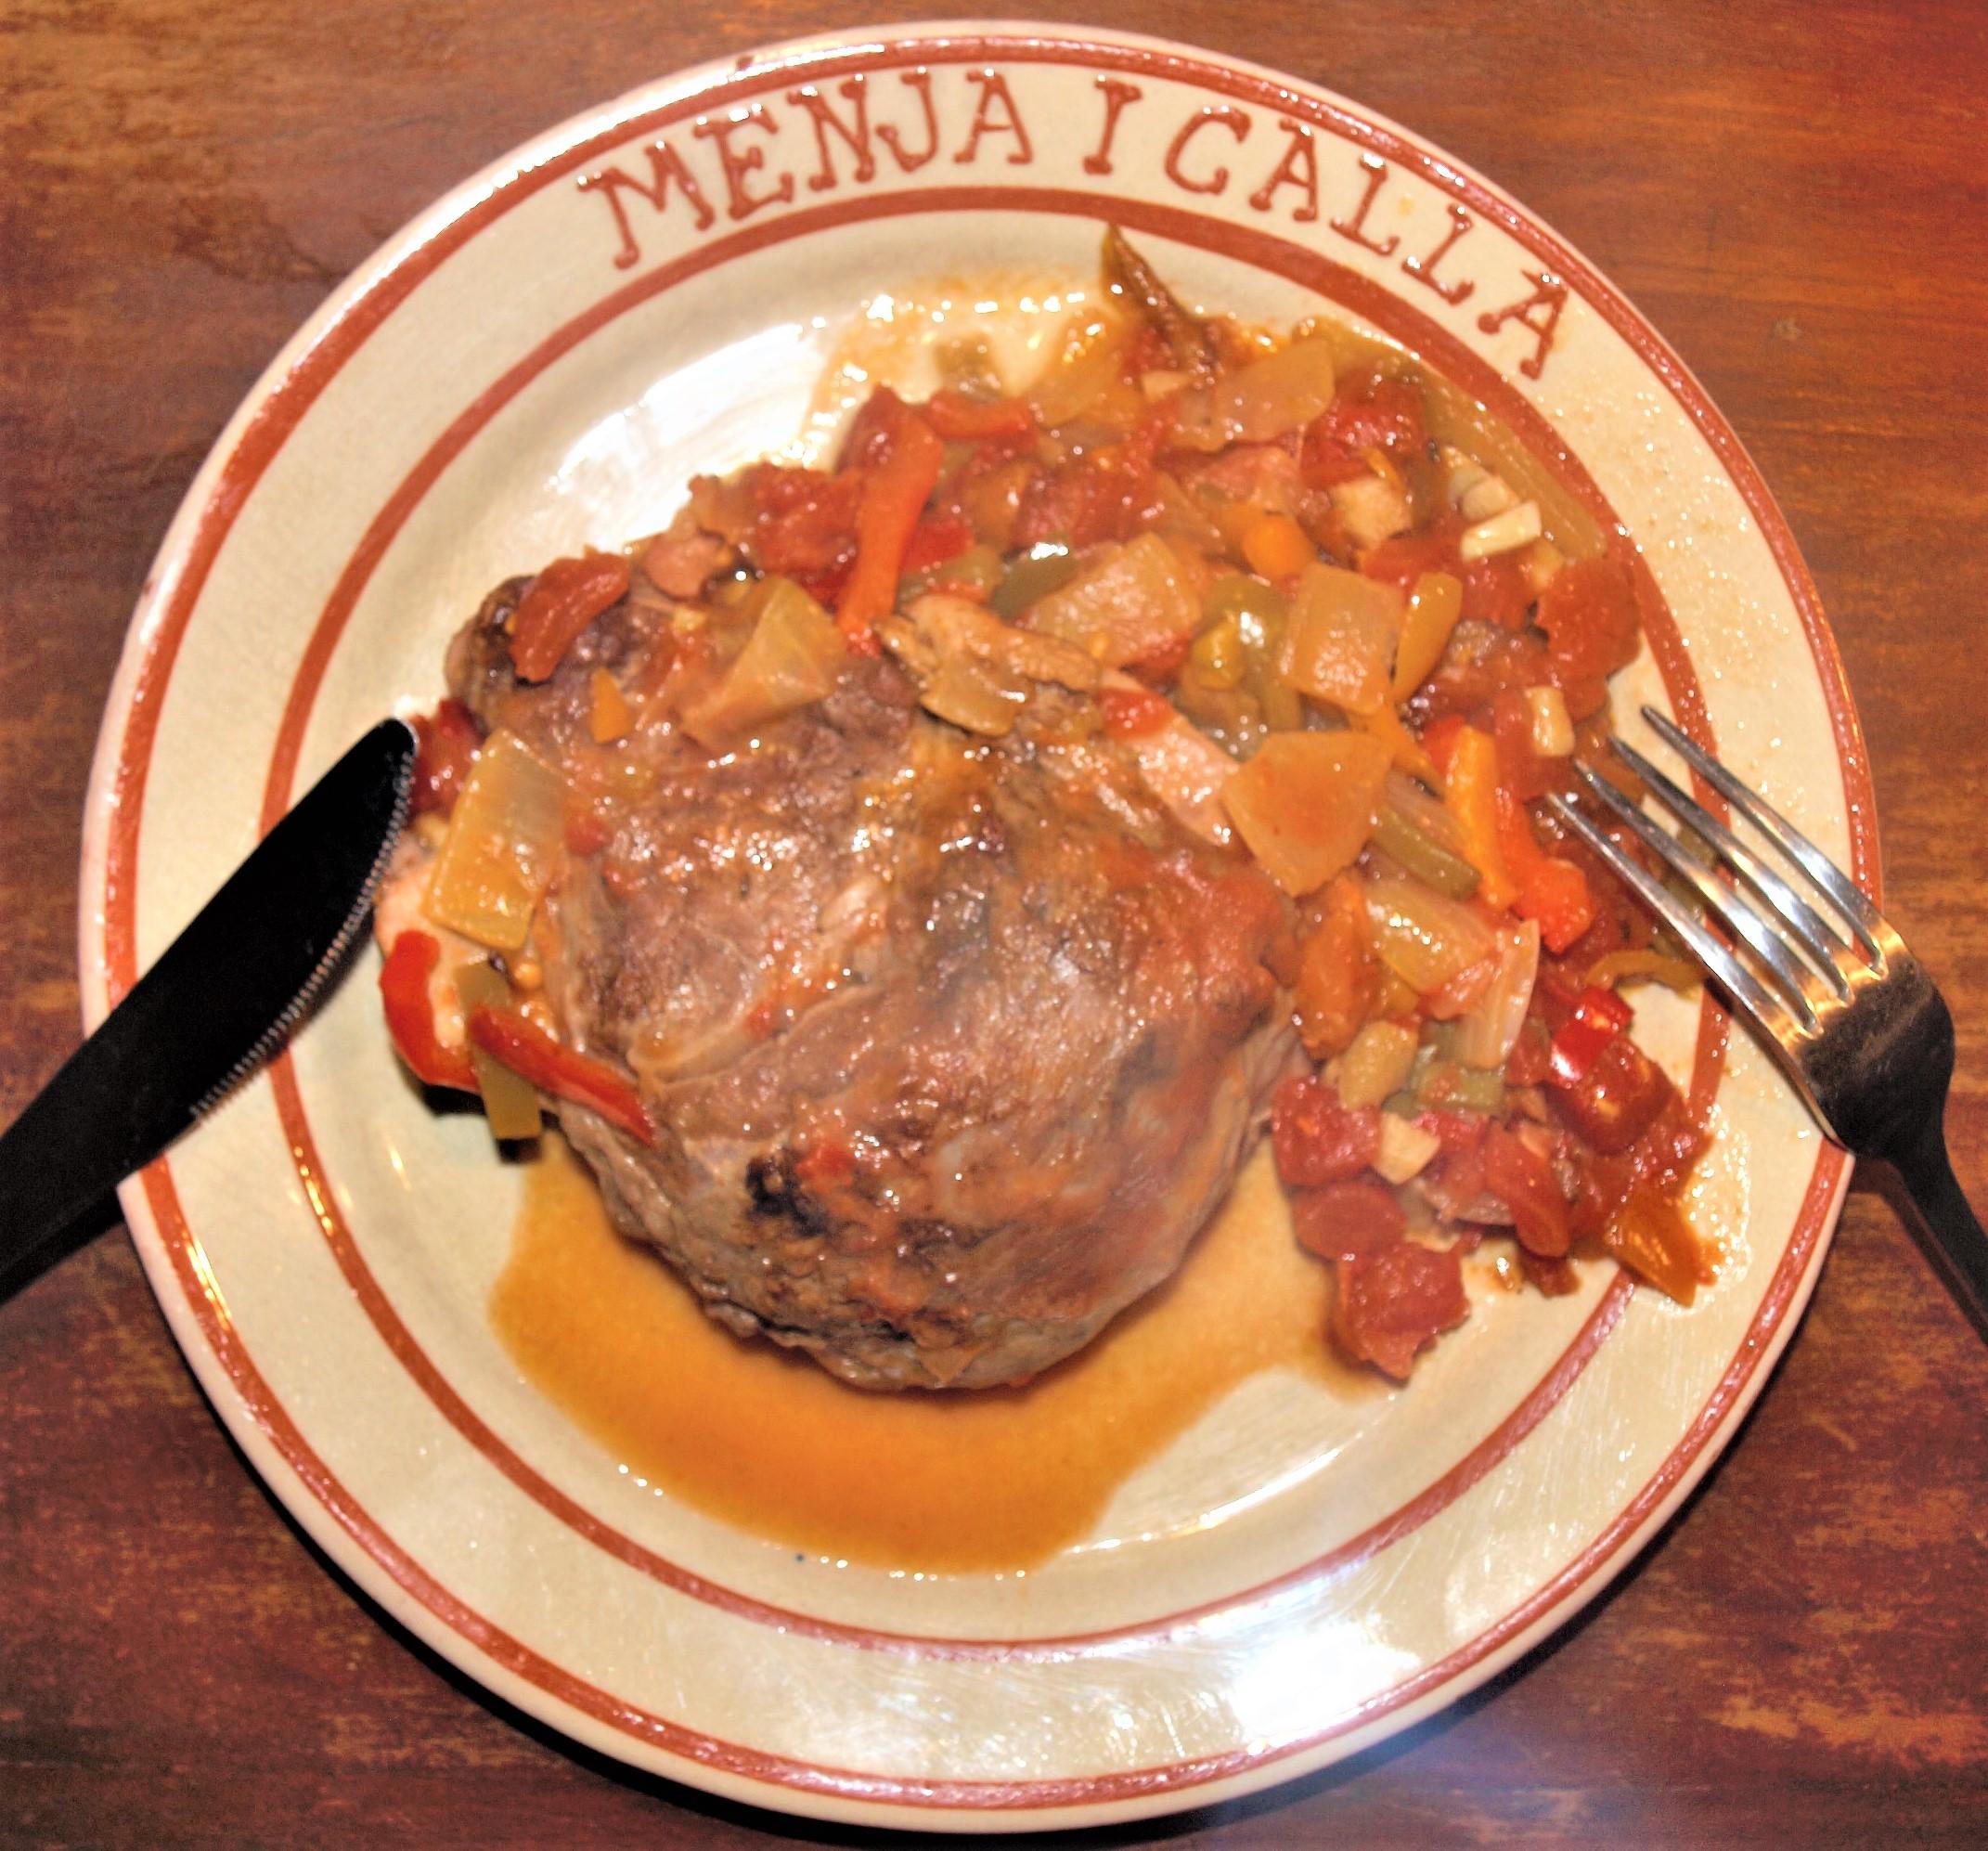 Joues de porc confites Ma Cuisine Catalane d'hier et d'aujourd'hui Jean-Luc Modat